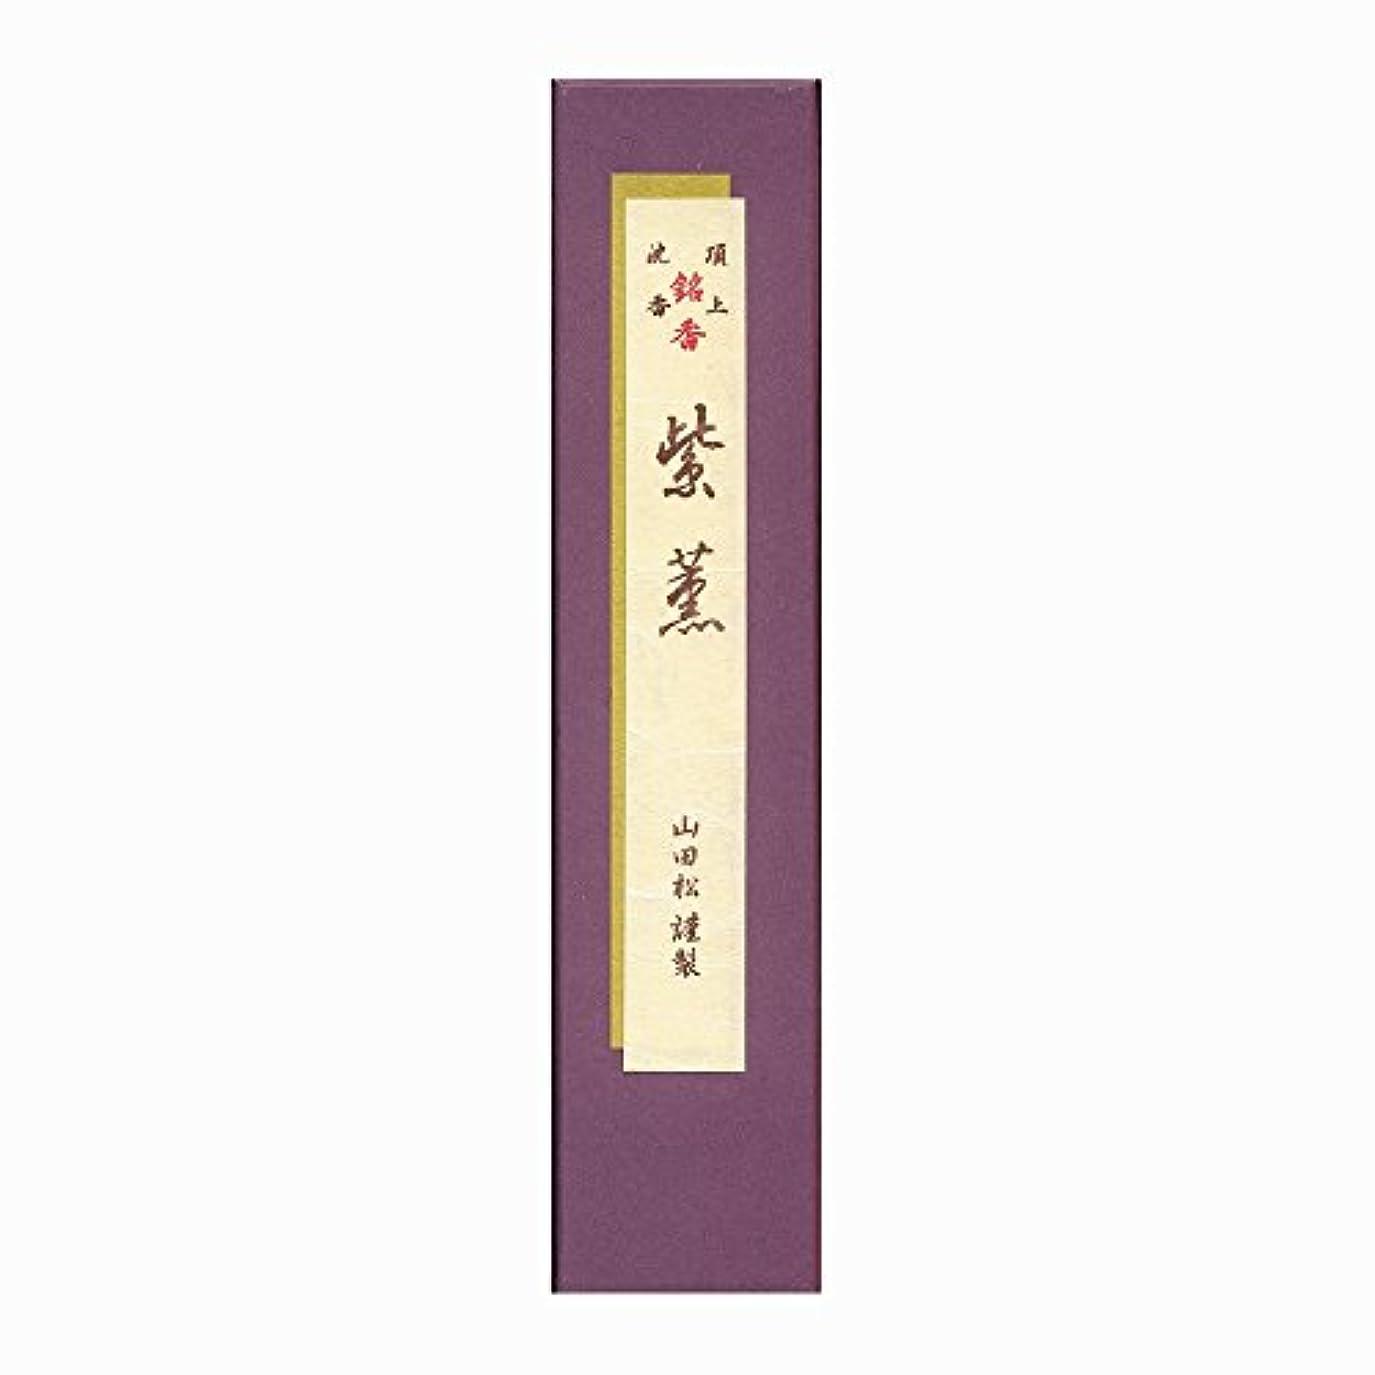 ポジション持っている愛する紫薫 短寸(5寸) 紙箱入